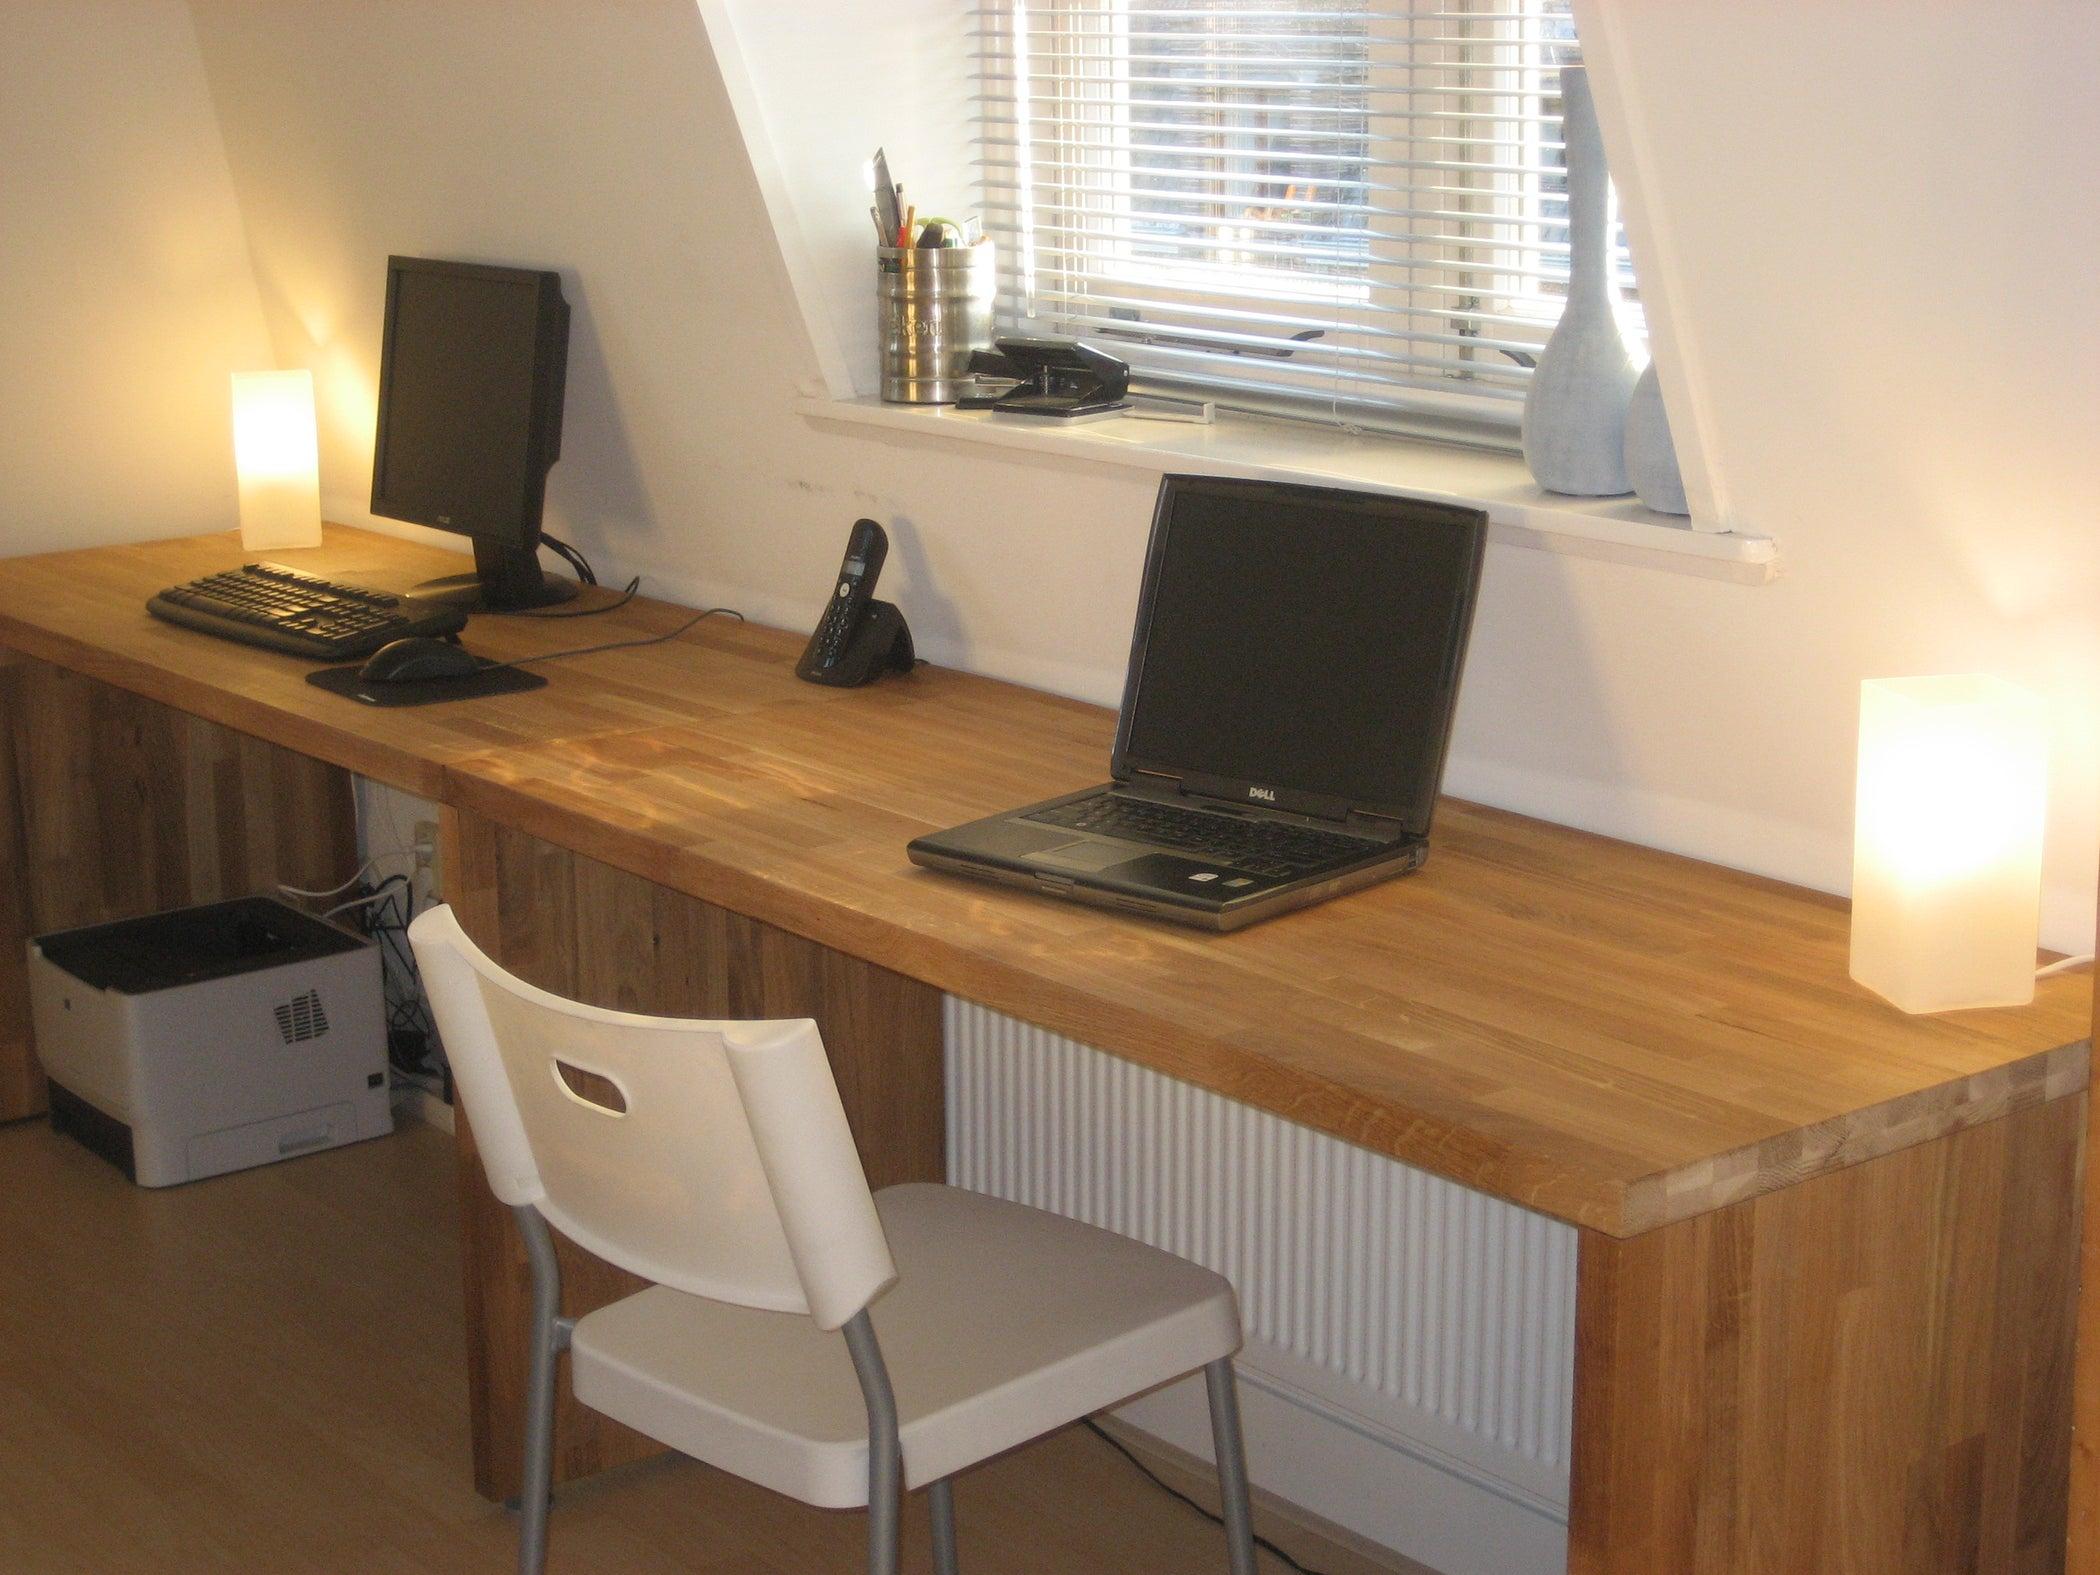 Big Oak Desk From Kitchen Worktops : 6 Steps - Instructables